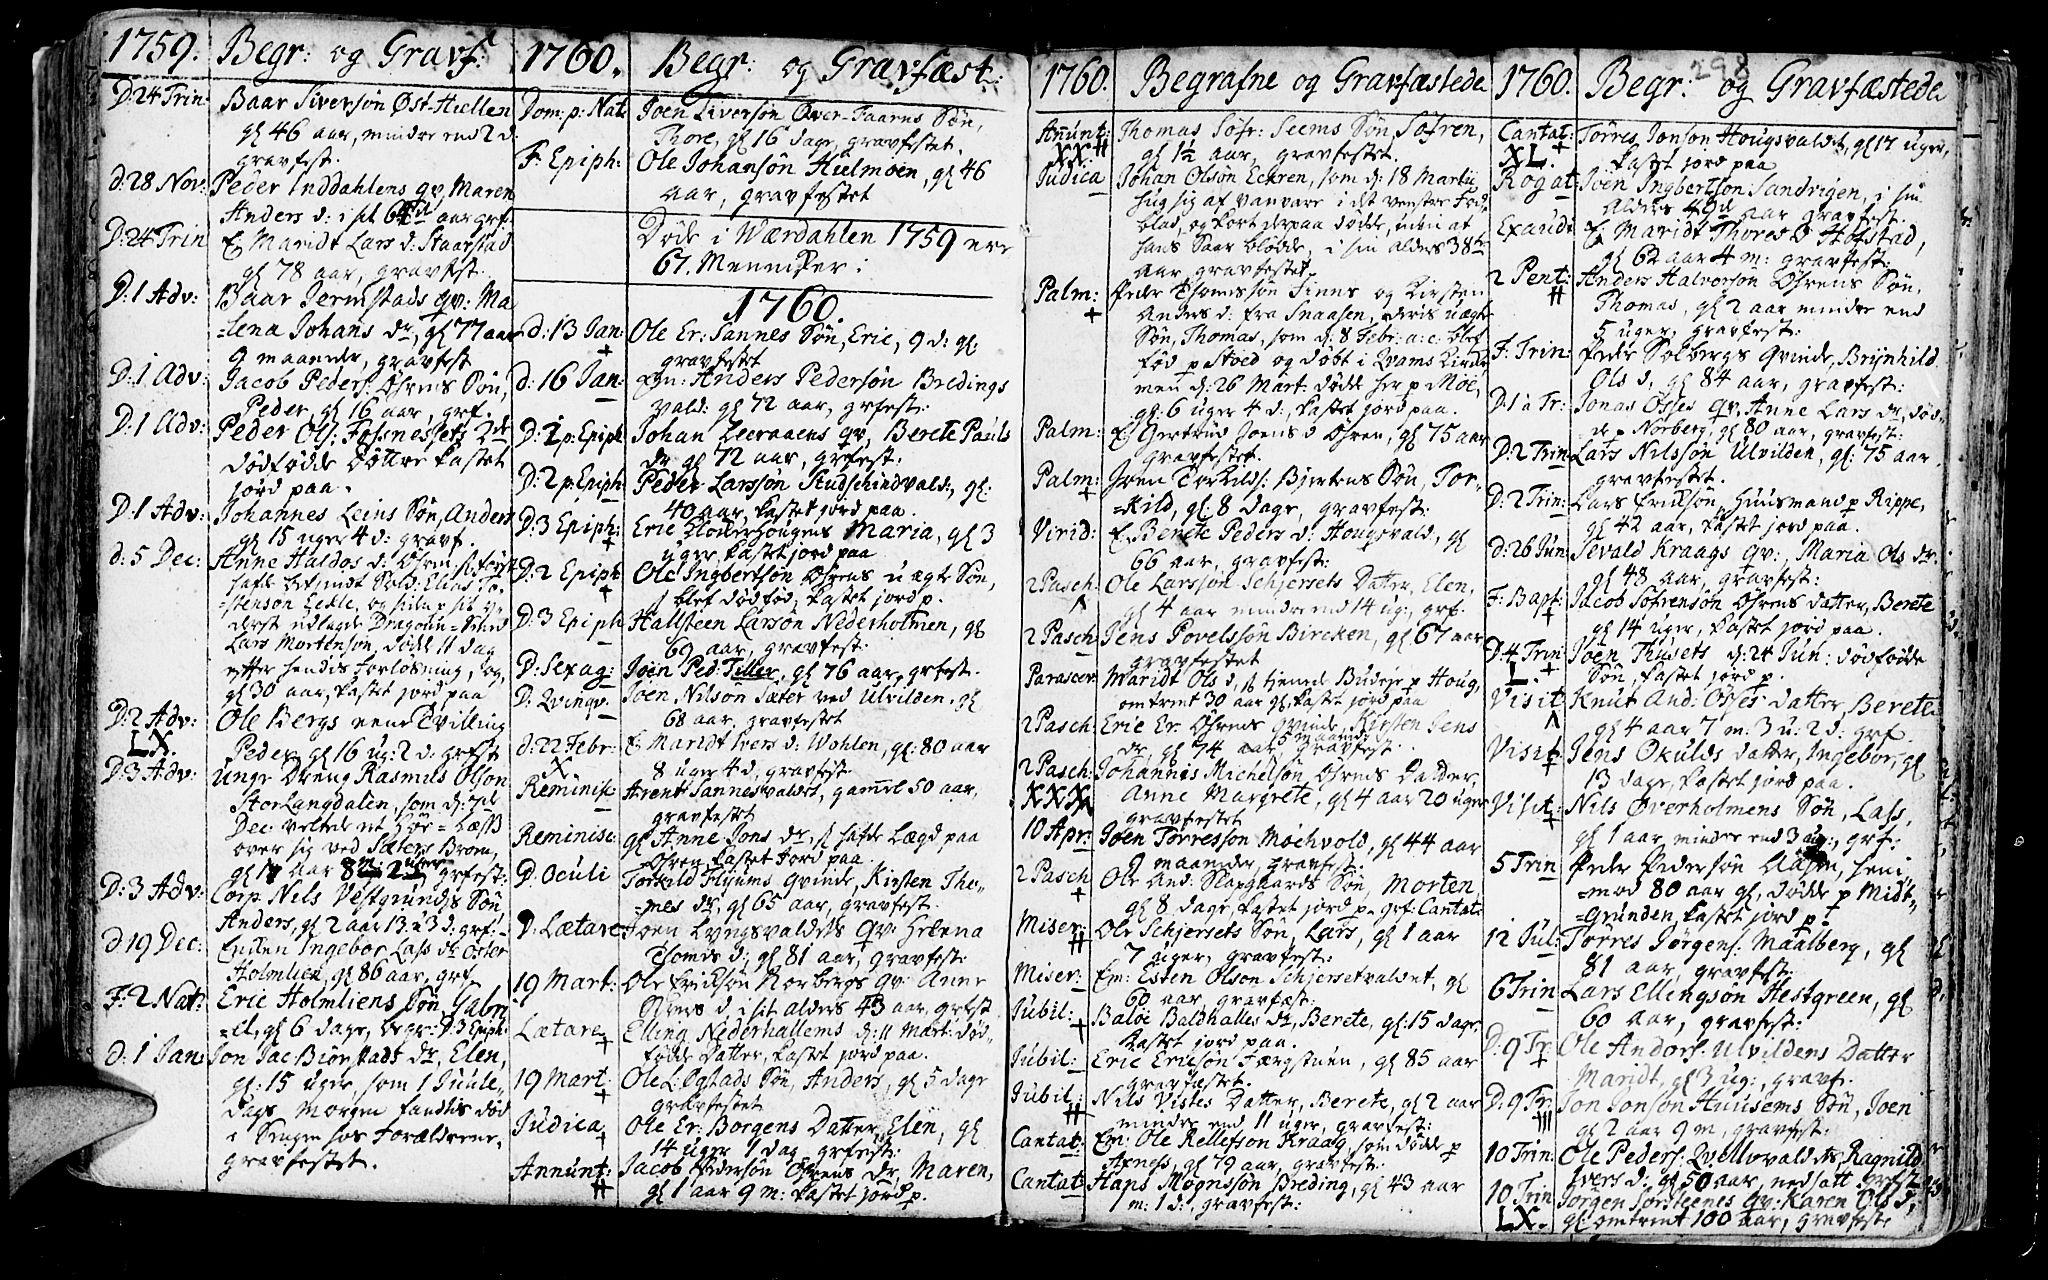 SAT, Ministerialprotokoller, klokkerbøker og fødselsregistre - Nord-Trøndelag, 723/L0231: Ministerialbok nr. 723A02, 1748-1780, s. 298